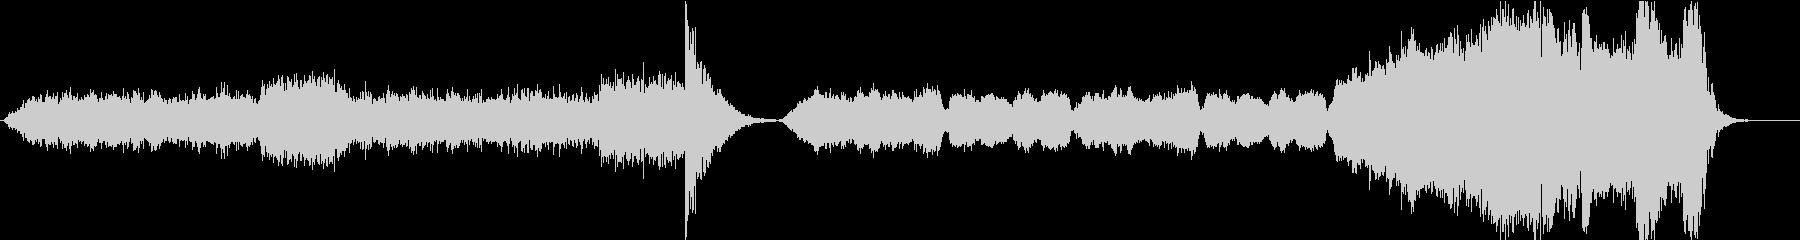 凍りつく洋画風ホラーBGMの未再生の波形